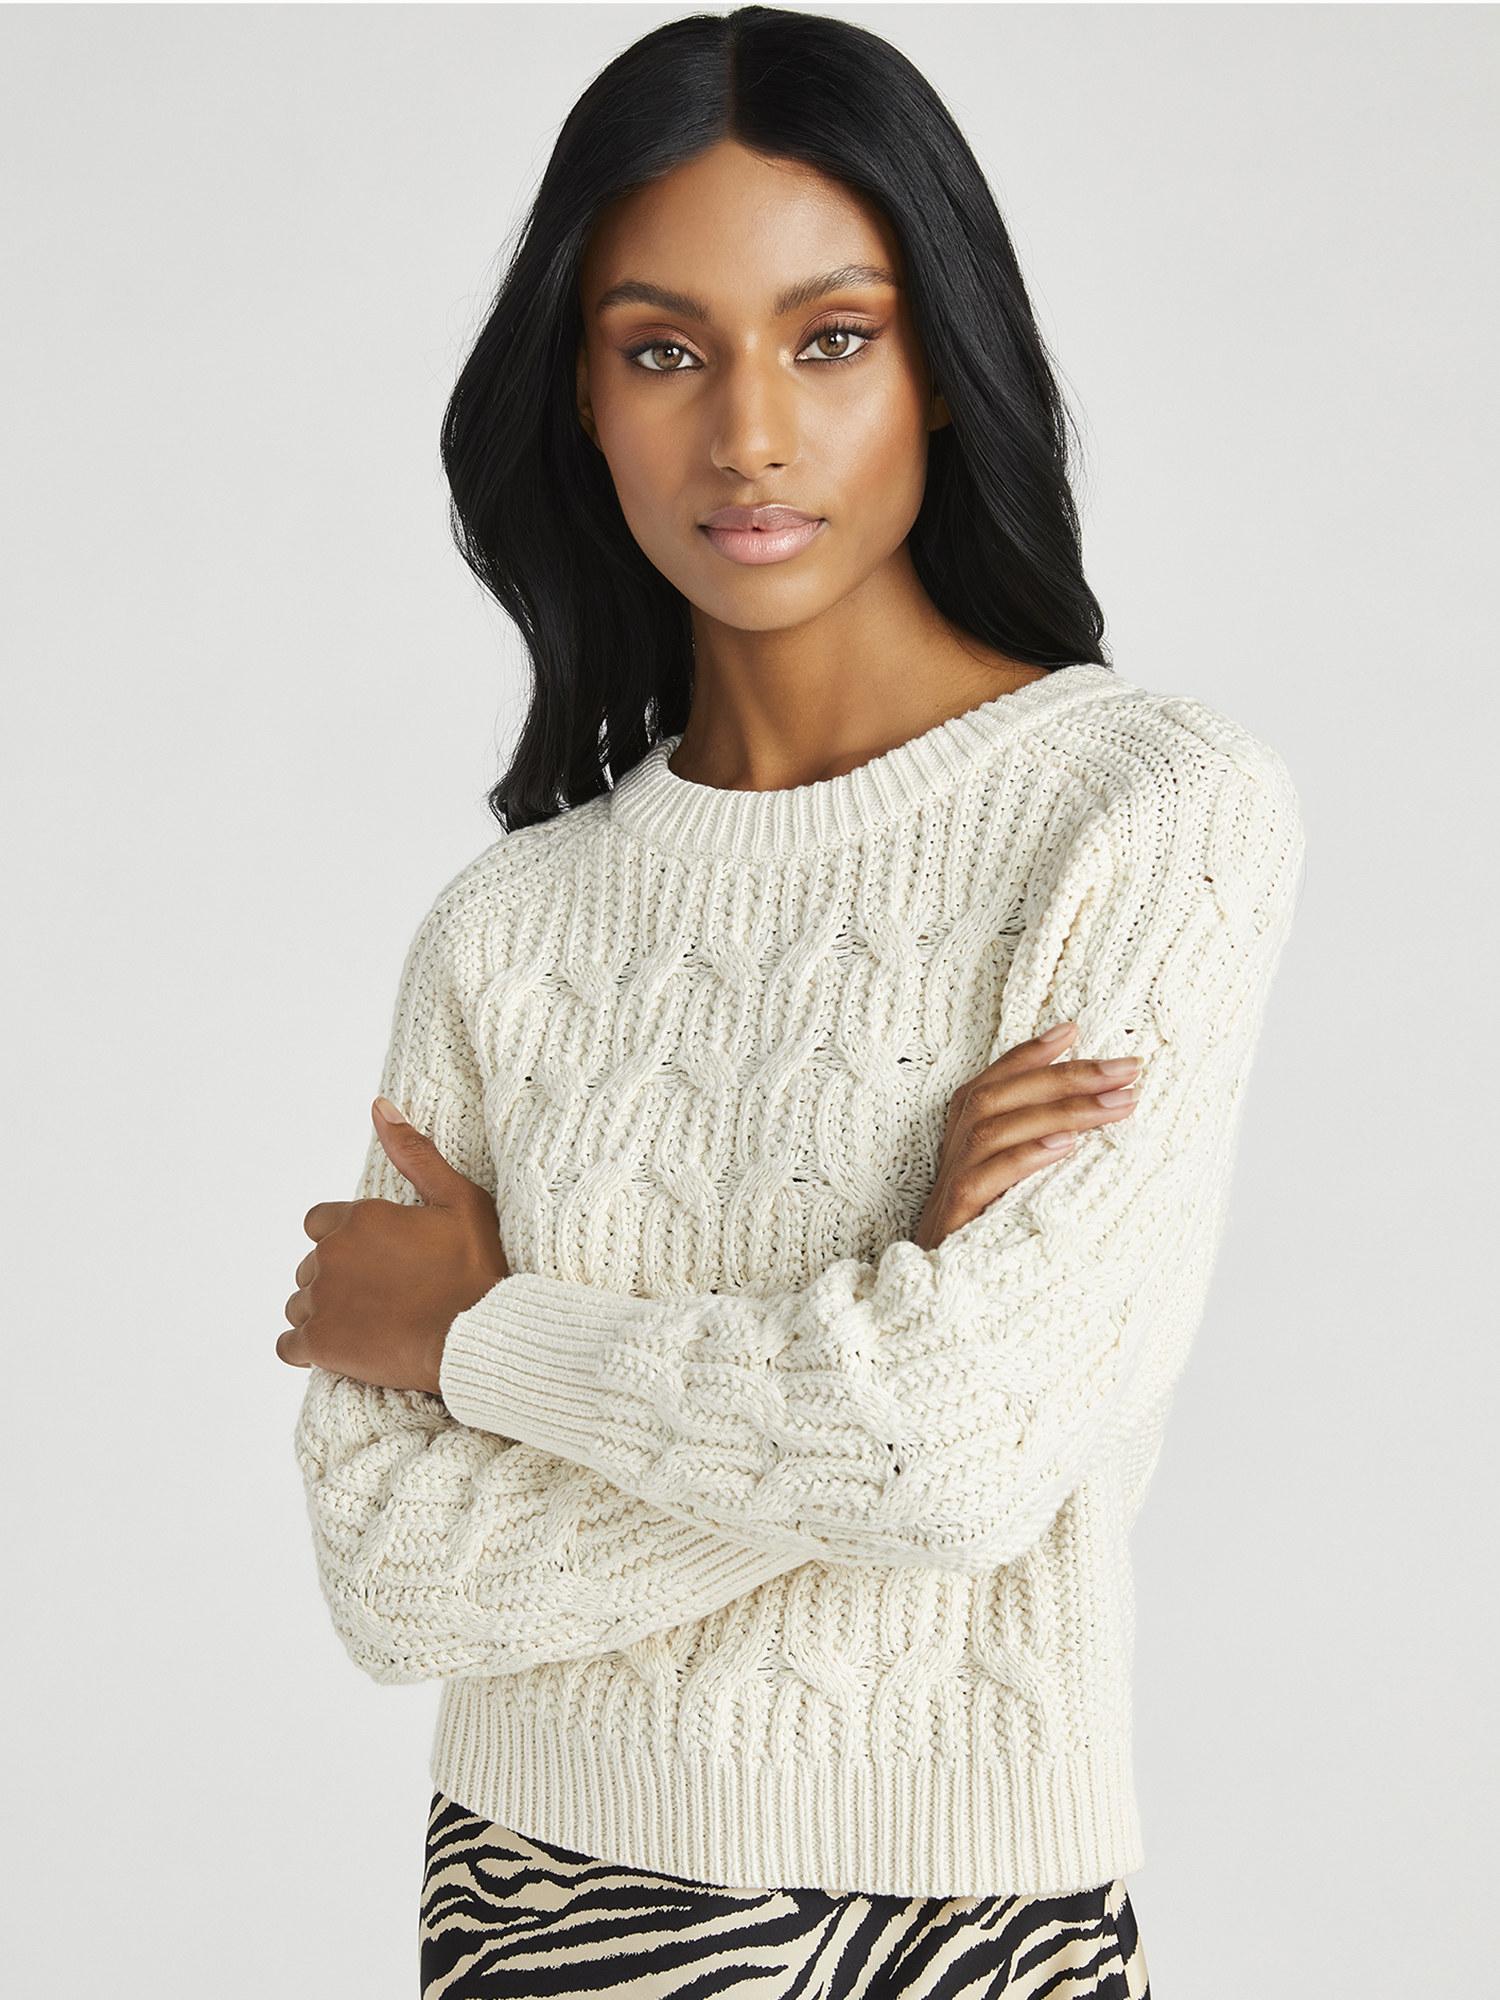 Model wears the sweater